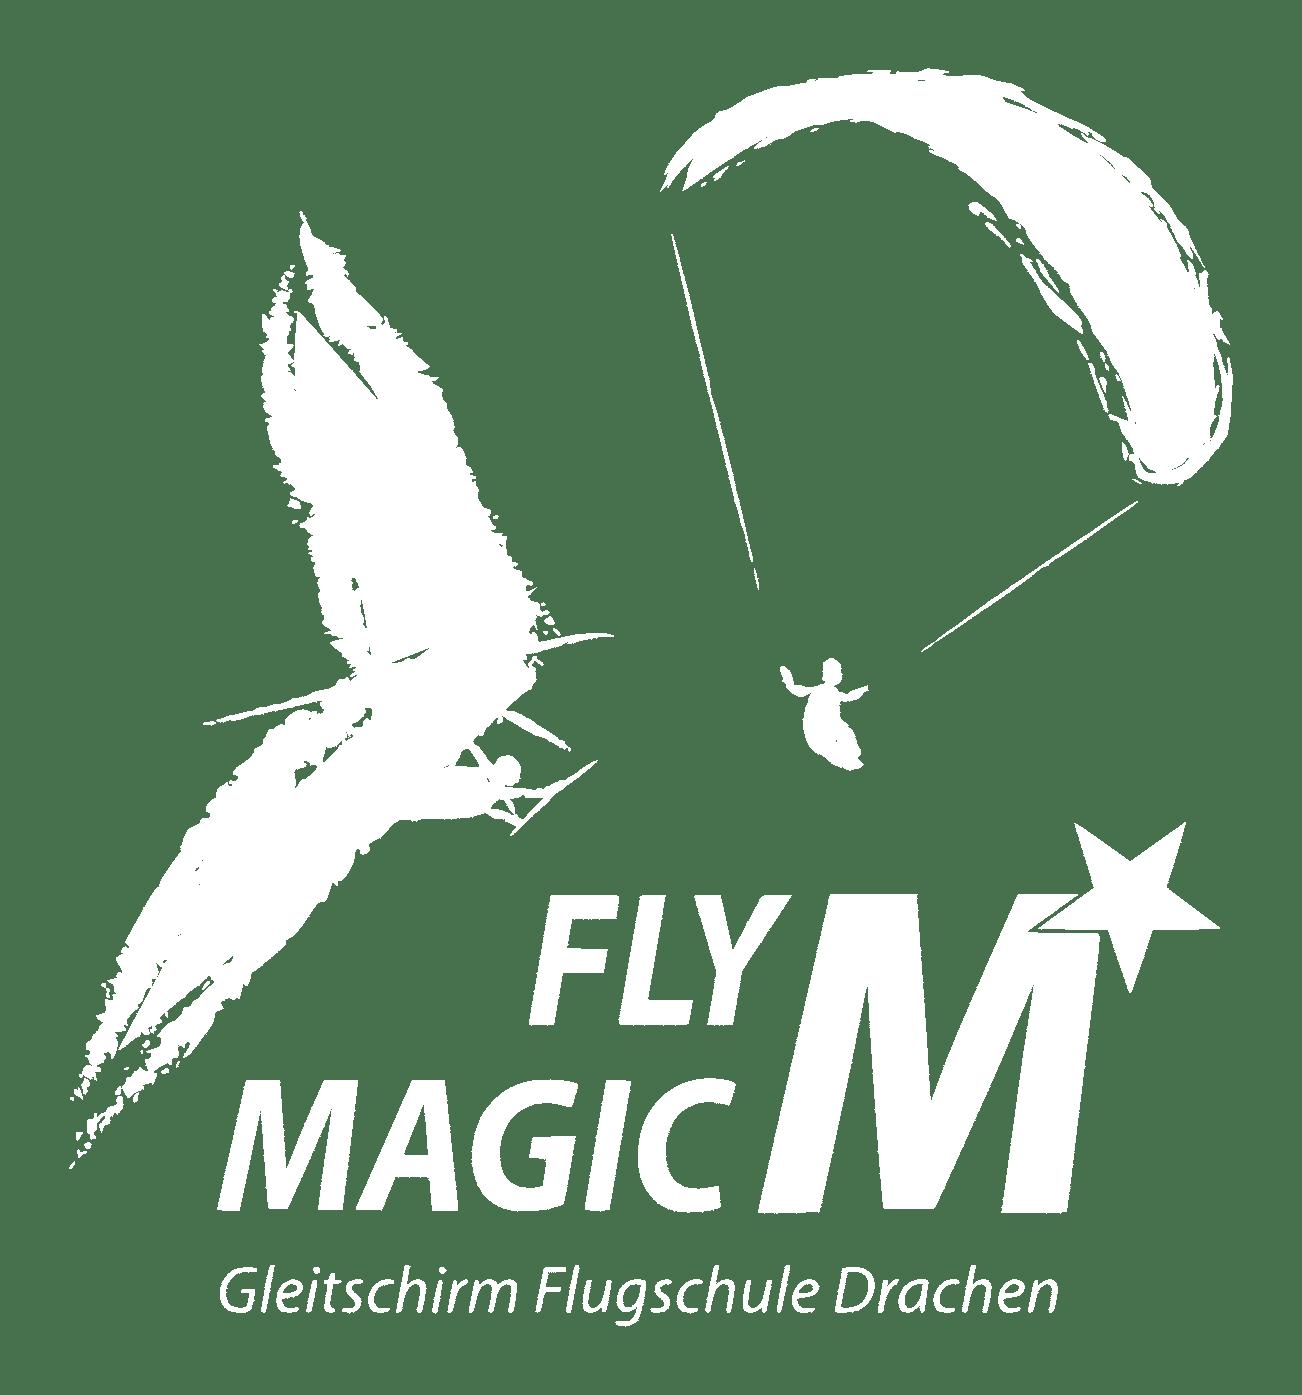 FlyMagicM